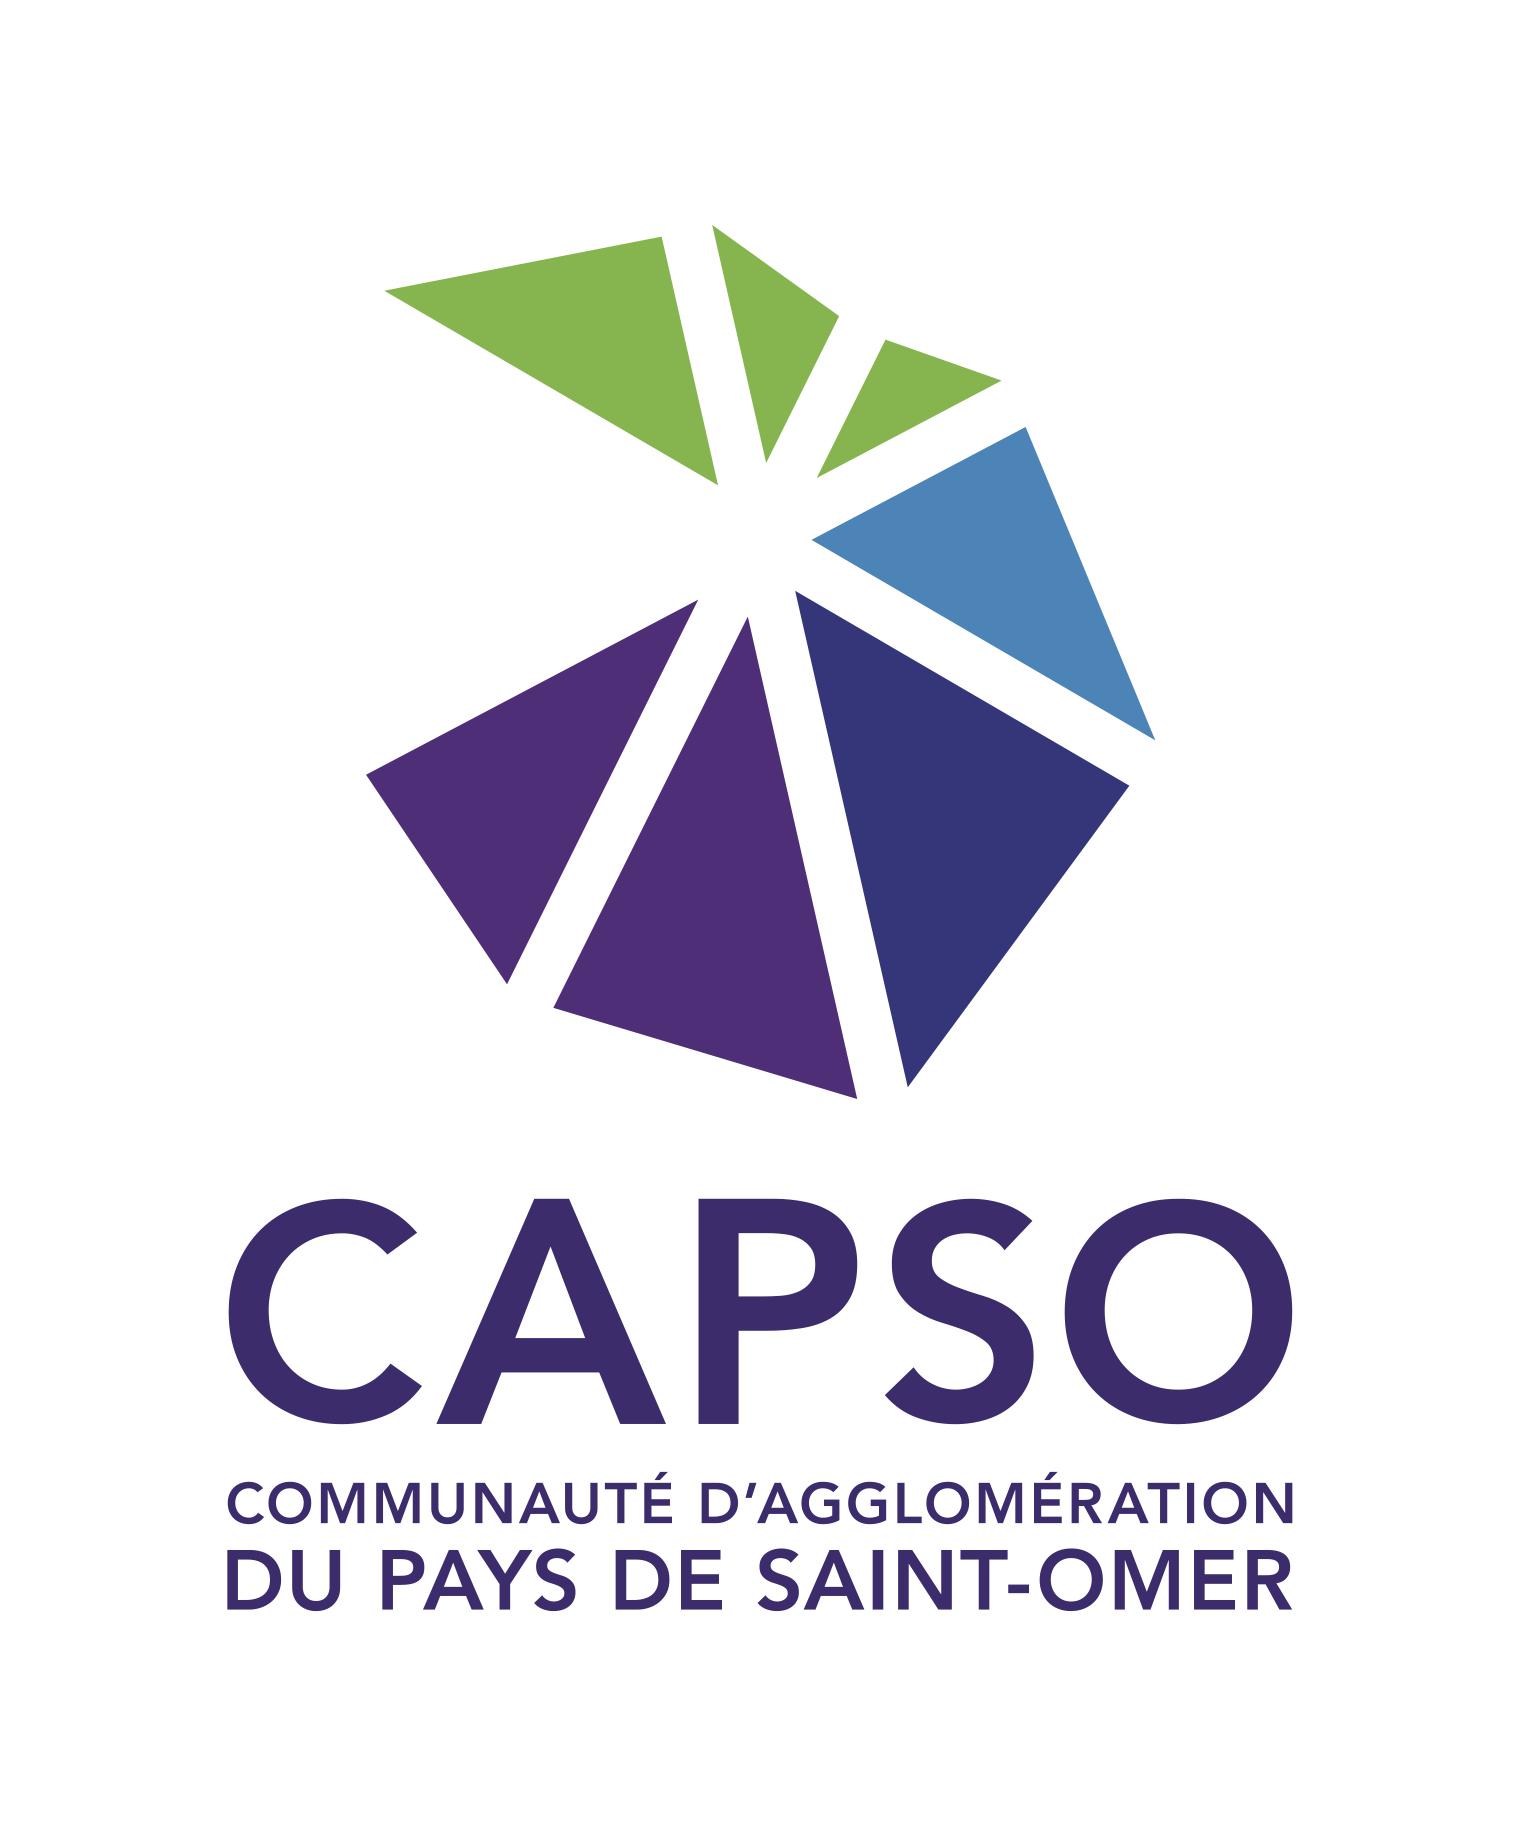 LOGO CAPSO CMJN